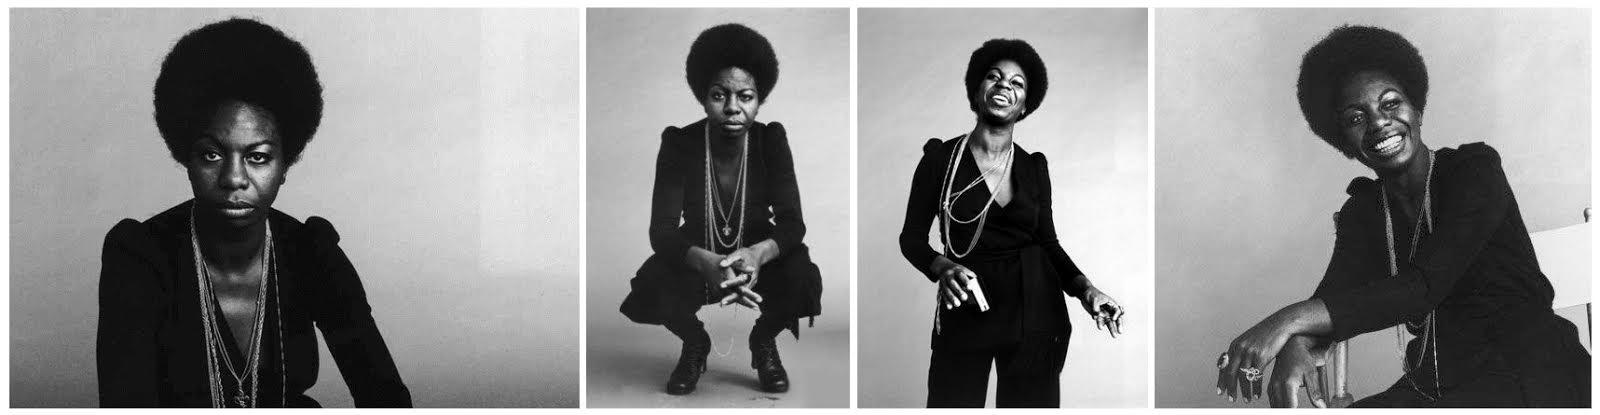 Nina en una sesión fotográfica de 1965